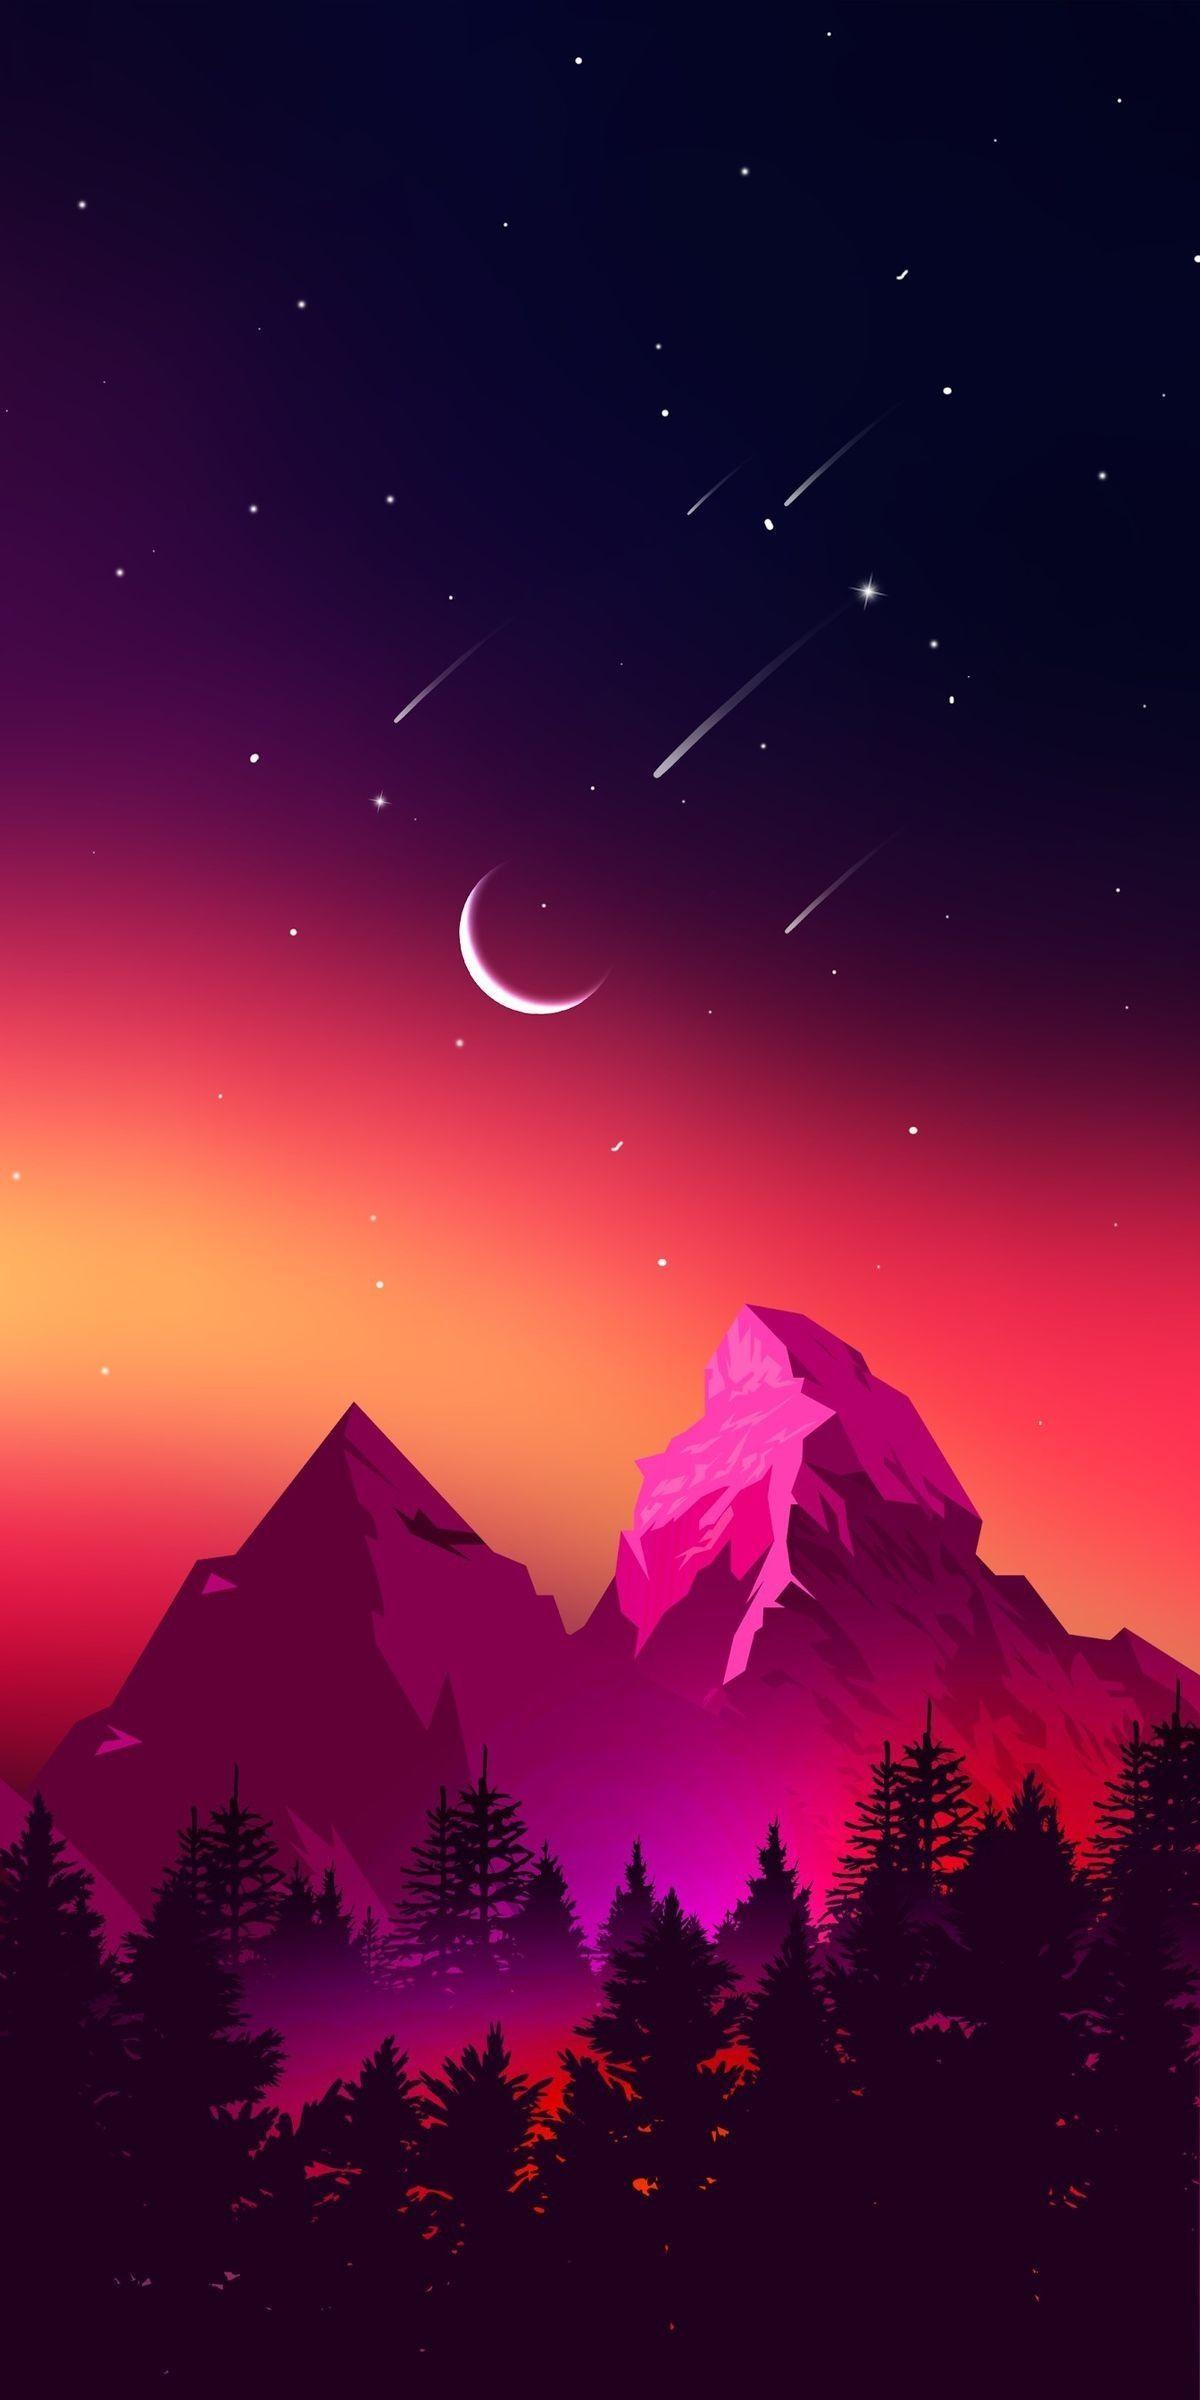 Iphone Wallpapers Paysages 43 Illustration De Paysage Paysage Magnifique Dessin Fond D Ecran Colore